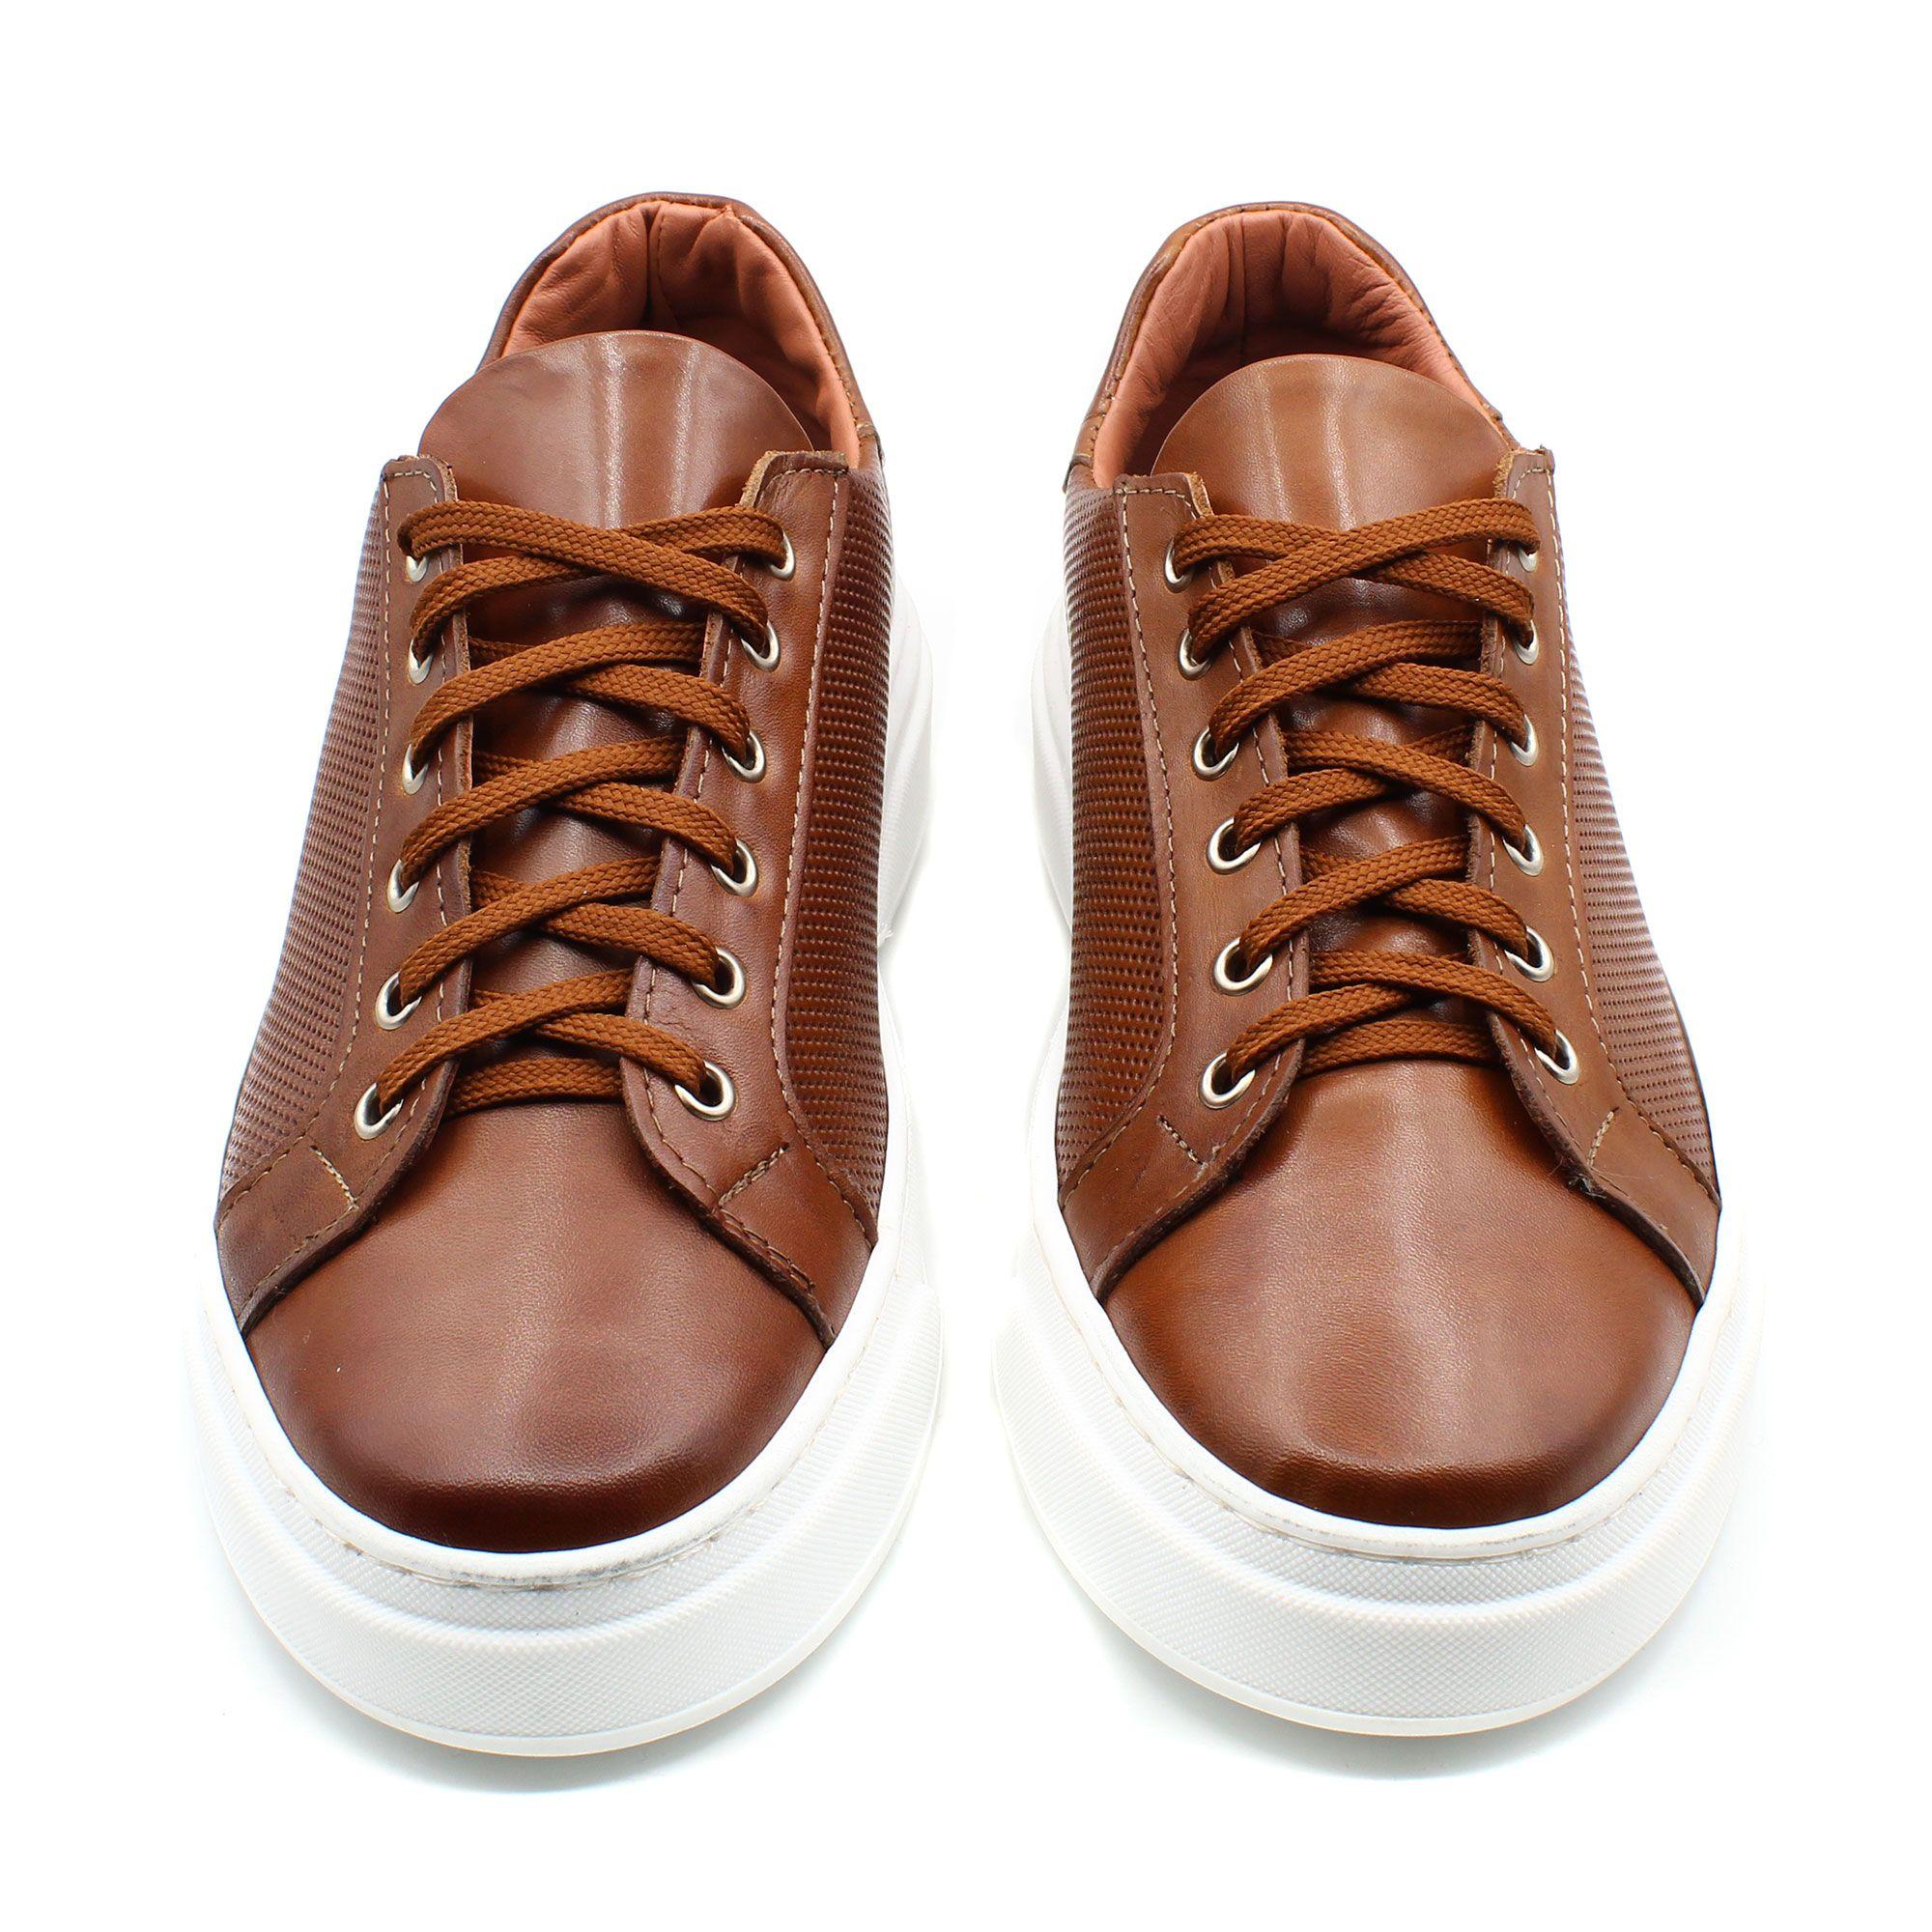 miniatura 13 - Sneakers-Uomo-in-Pelle-Basse-Nere-Blu-Scarpe-da-Ginnastica-Sportive-Eleganti